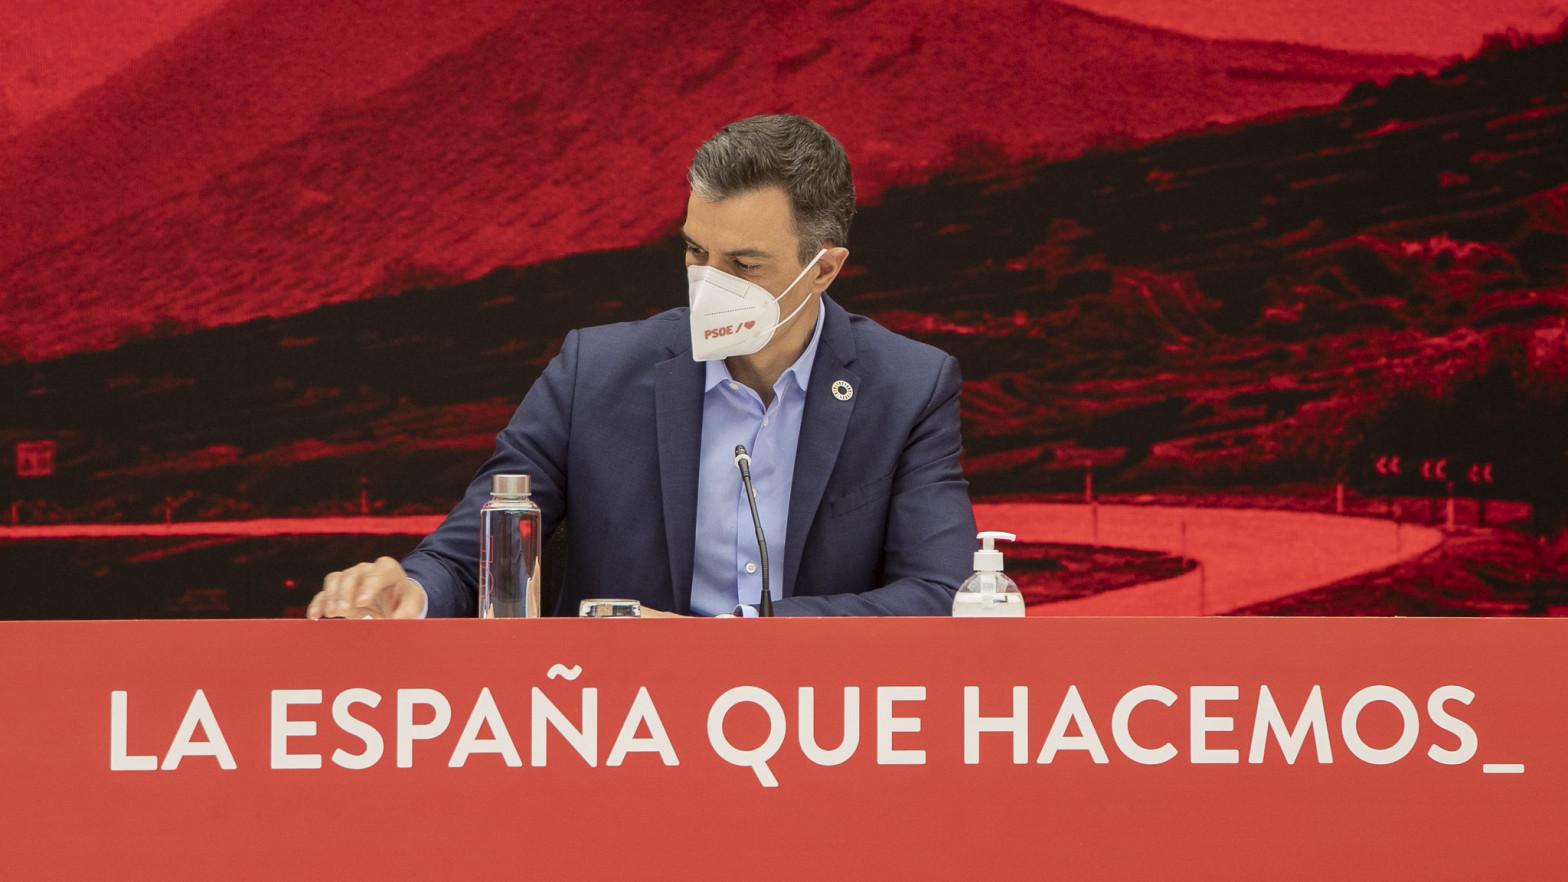 El PSOE ordena cerrar filas para salvar a Sánchez del 4-M y la polémica de los impuestos